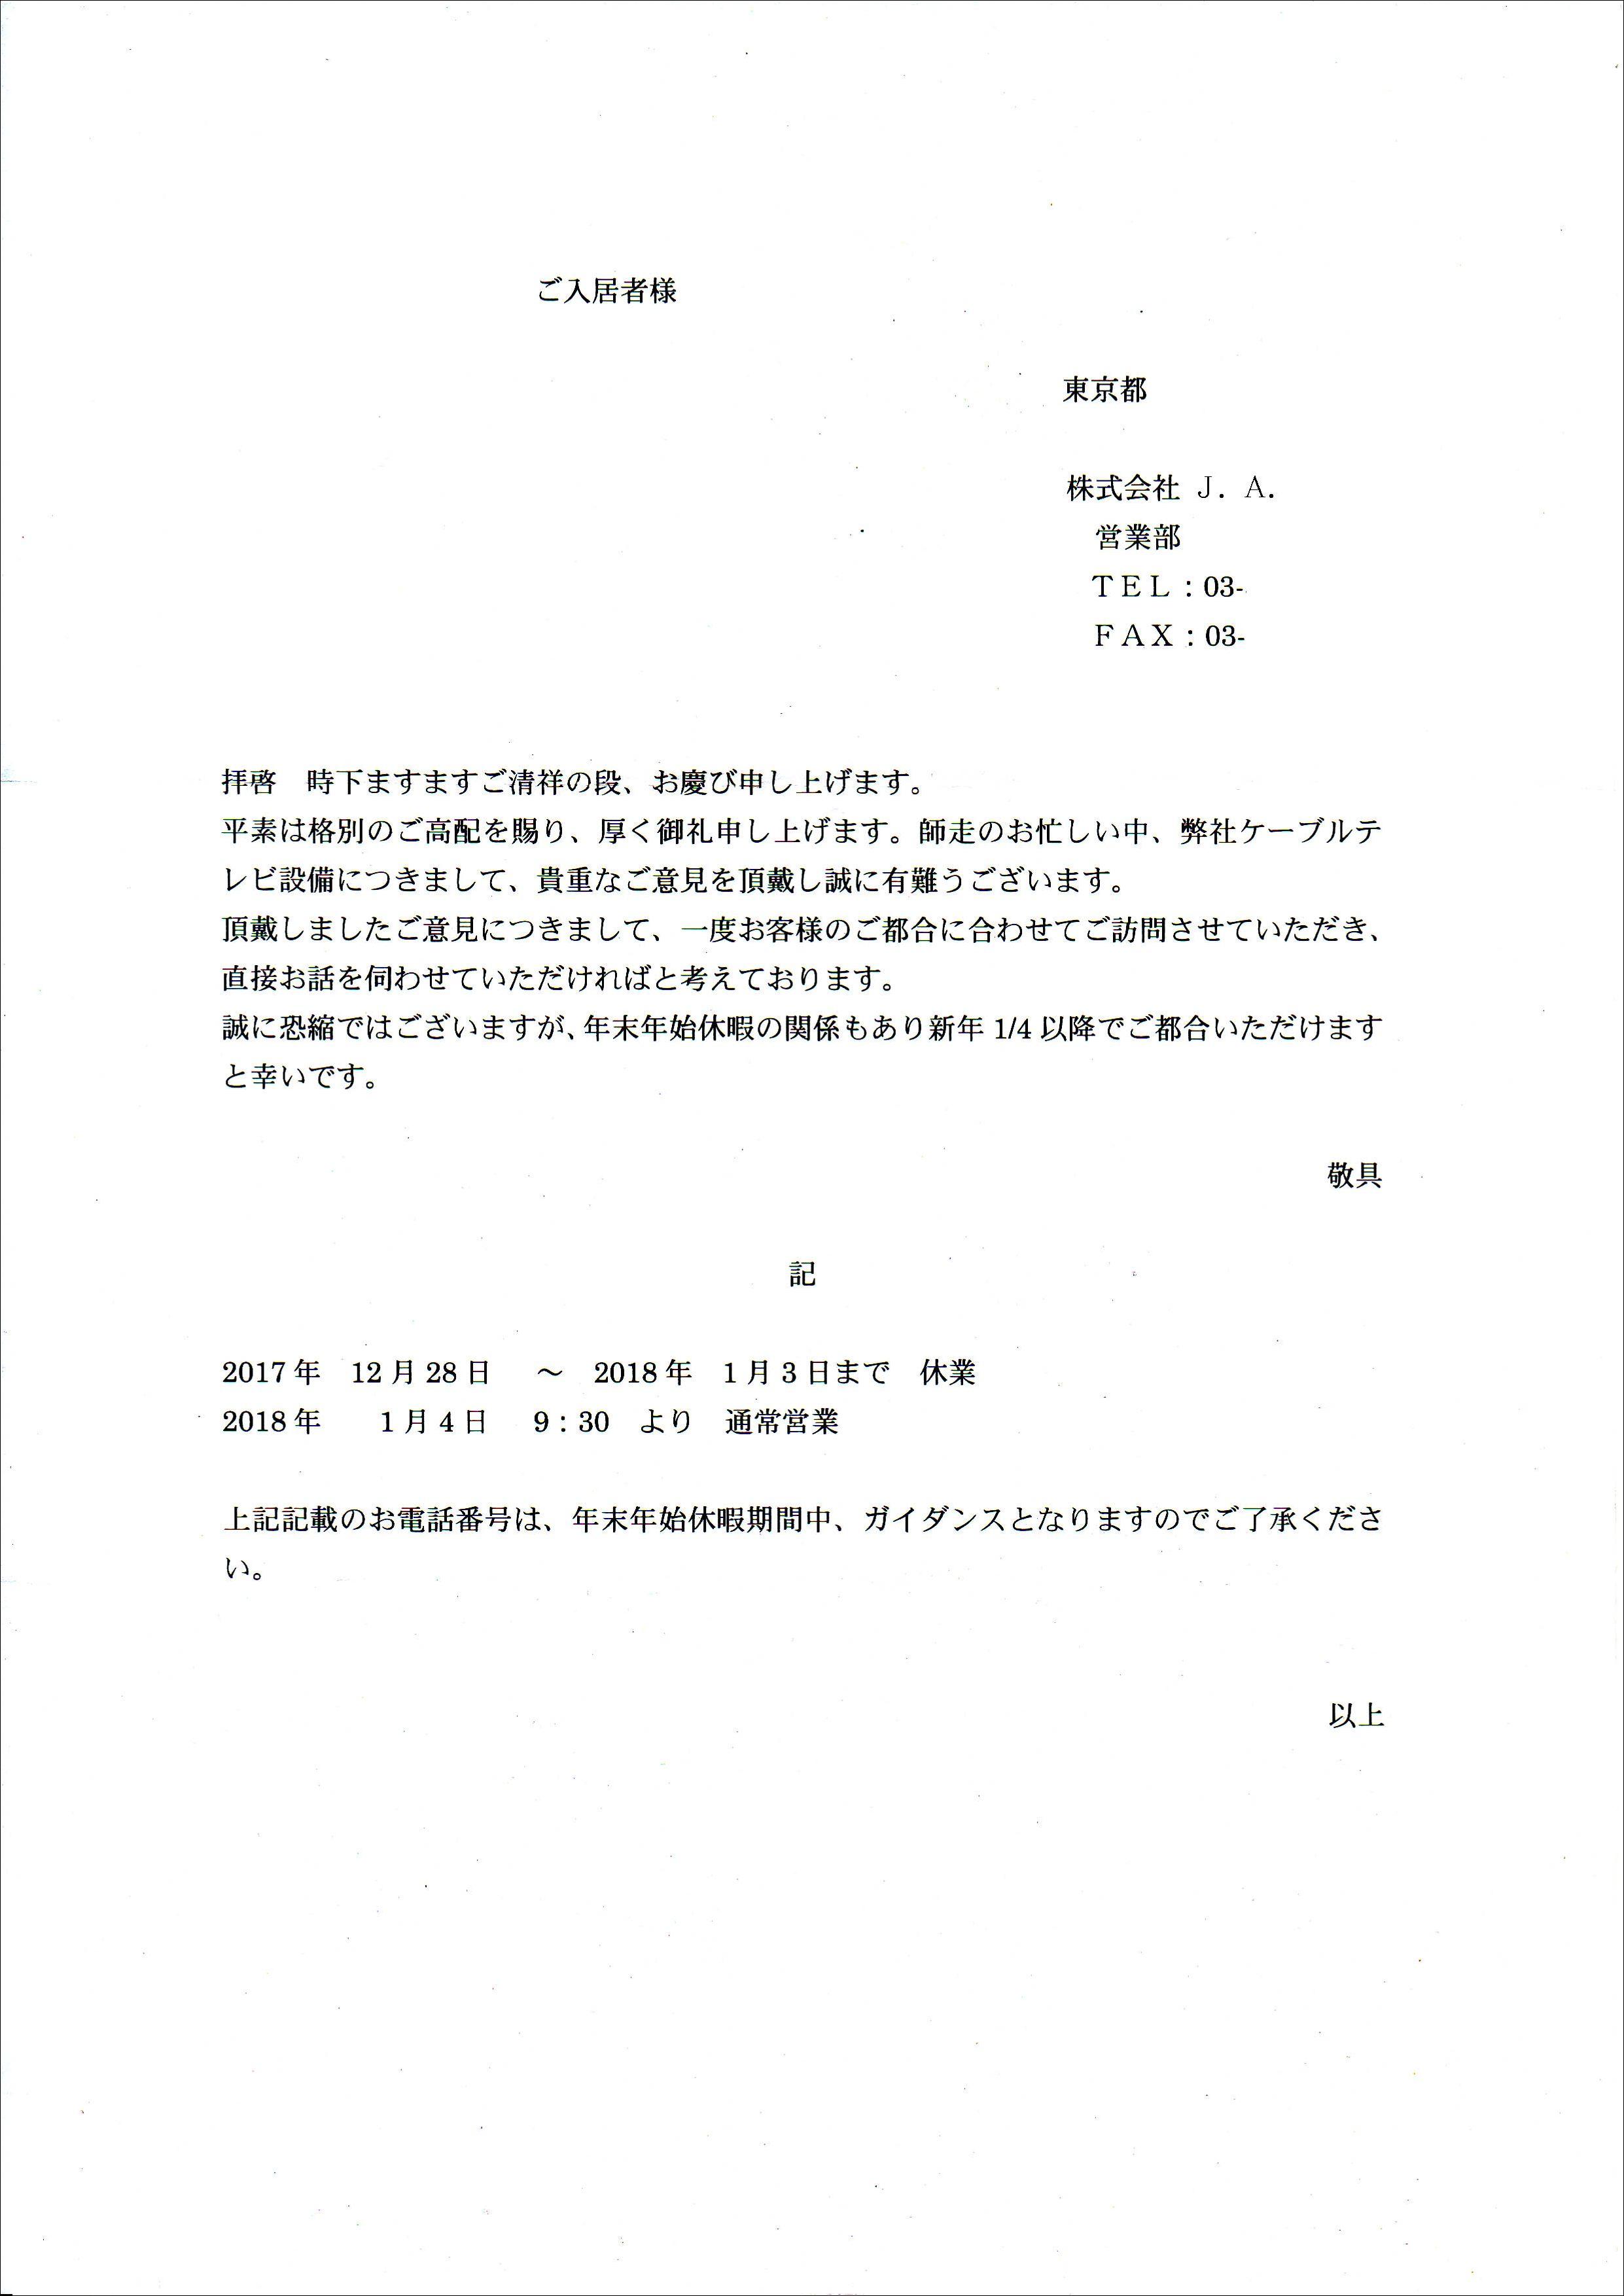 株式会社J.A.が編集部のポストに投函した文書